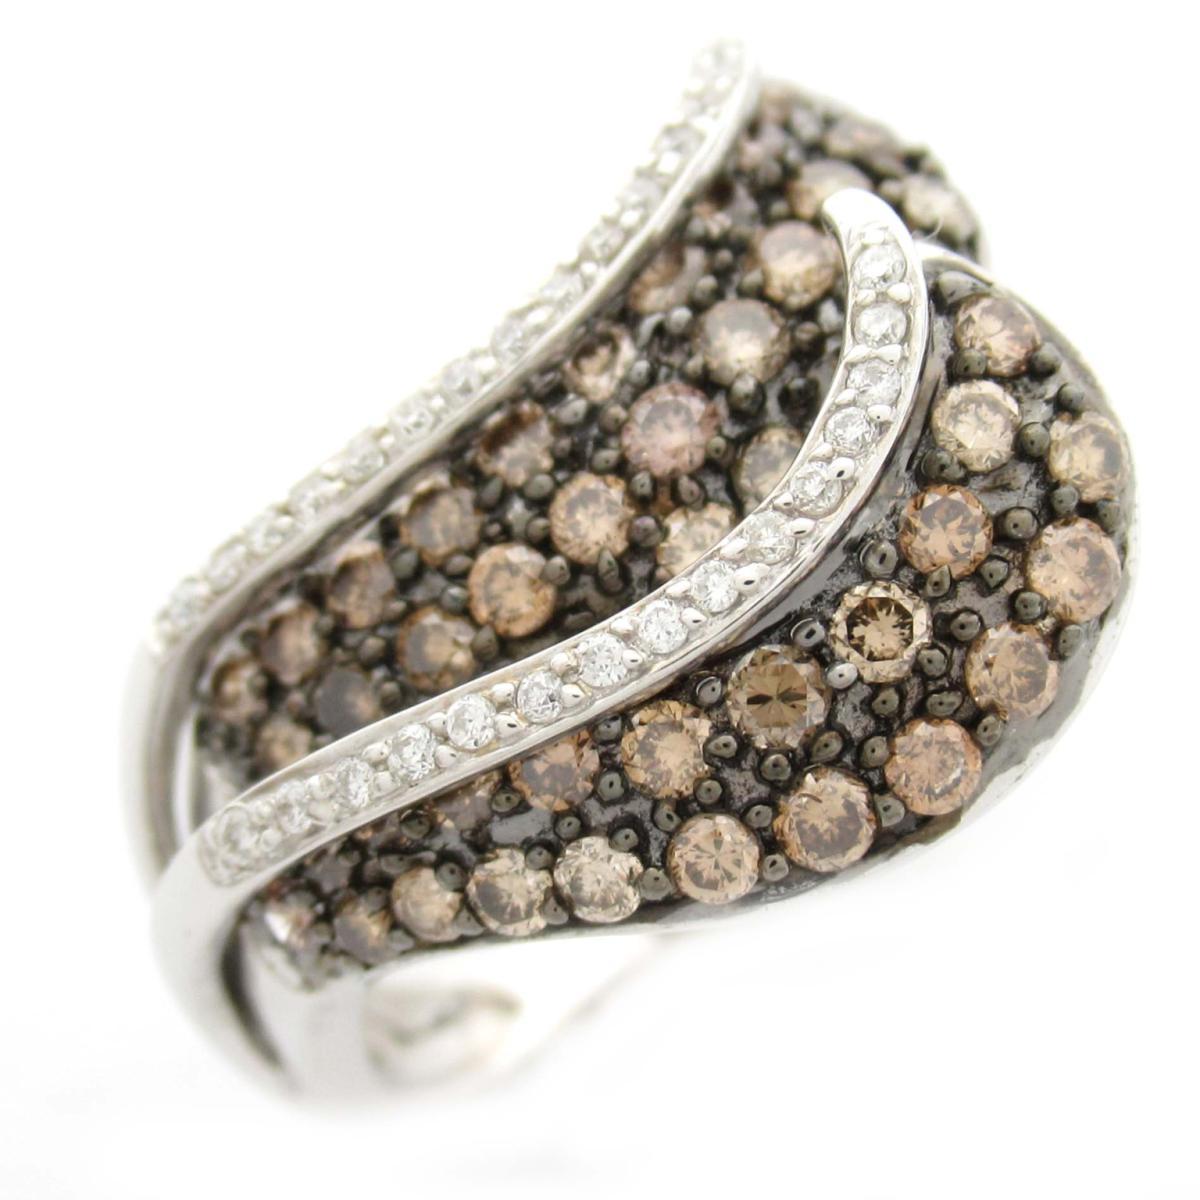 ジュエリー ダイヤモンド リング 指輪 ノーブランドジュエリー レディース K18WG (750) ホワイトゴールド x ダイヤモンド1.00CT ブラックダイヤモンド 【中古】   JEWELRY BRANDOFF ブランドオフ アクセサリー